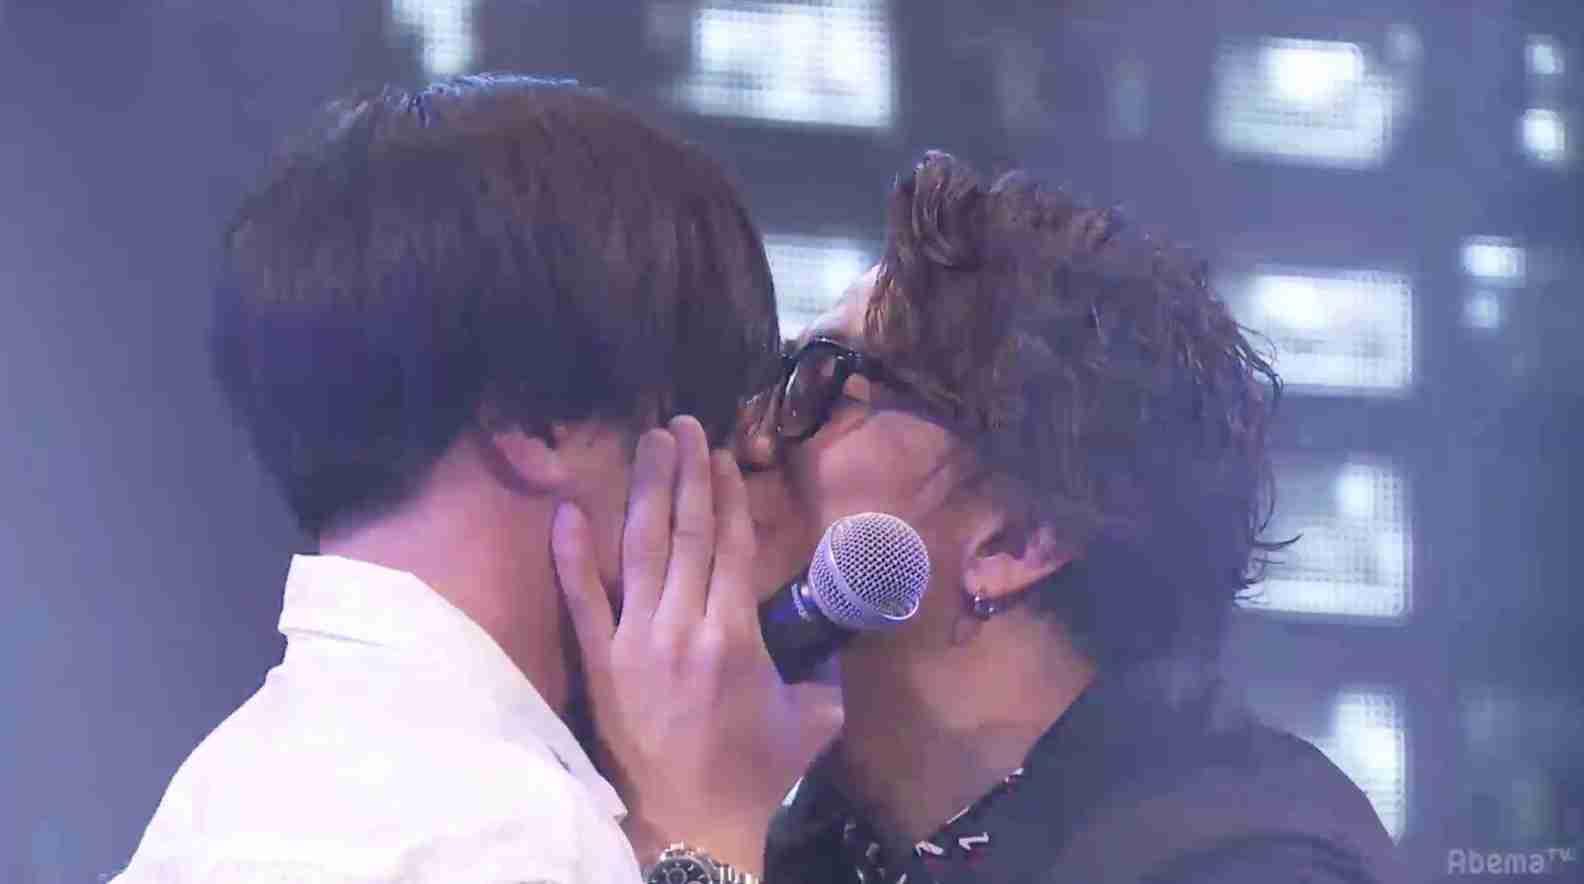 三浦翔平と早乙女太一が生放送でキス!「イケメンずラブ」と視聴者大興奮 | AbemaTIMES